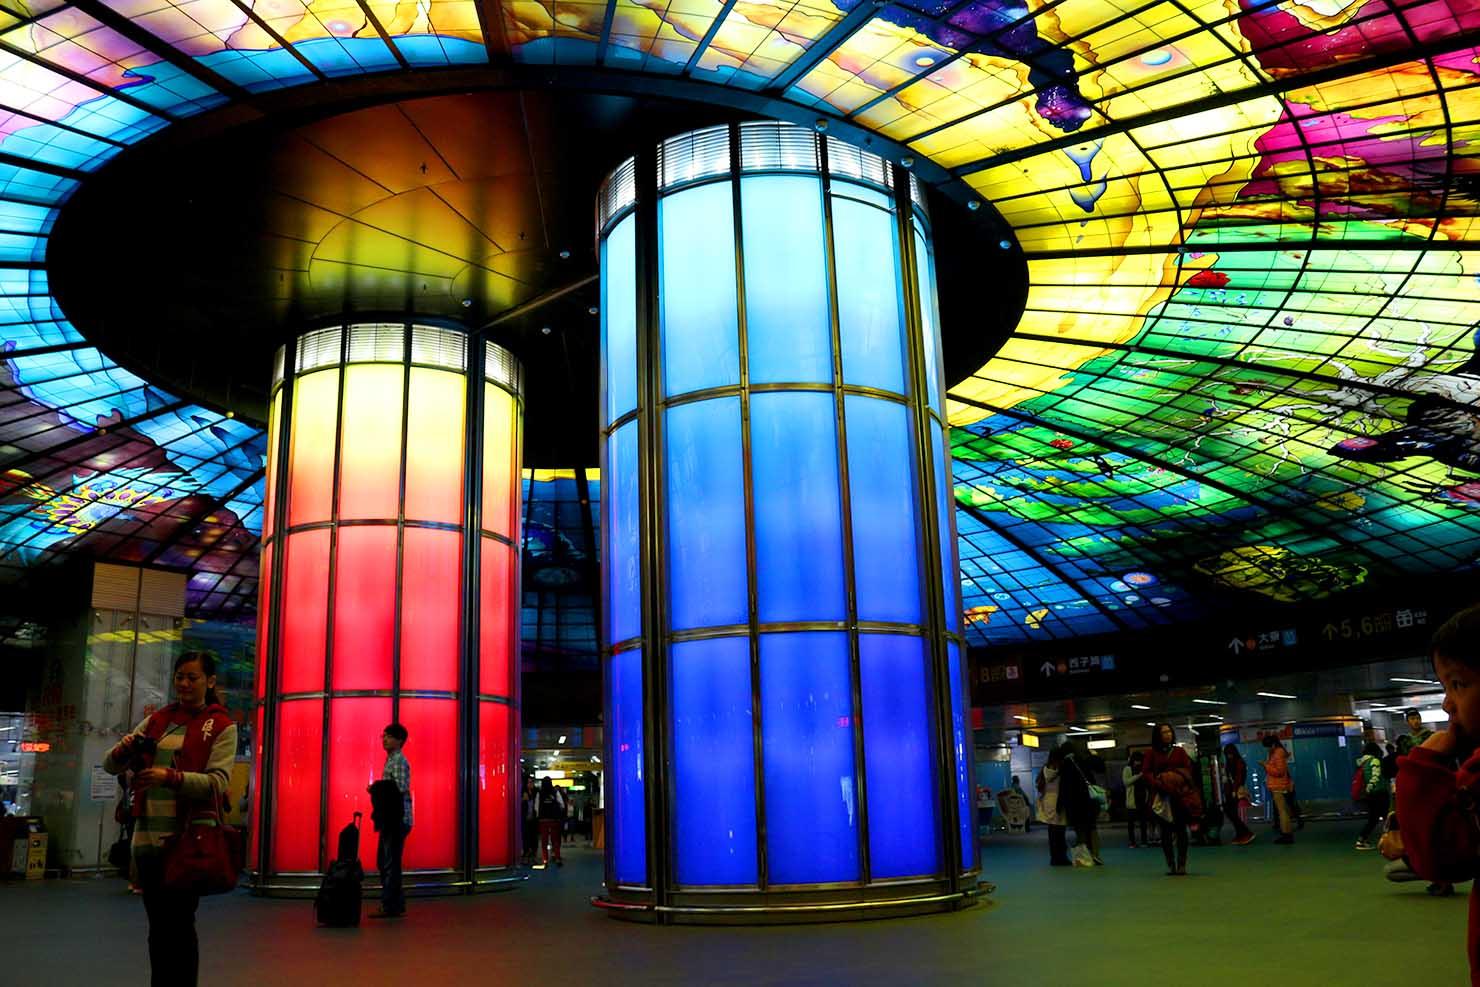 高雄・美麗島駅の有名観光スポット「光之穹頂 Dome of Light」